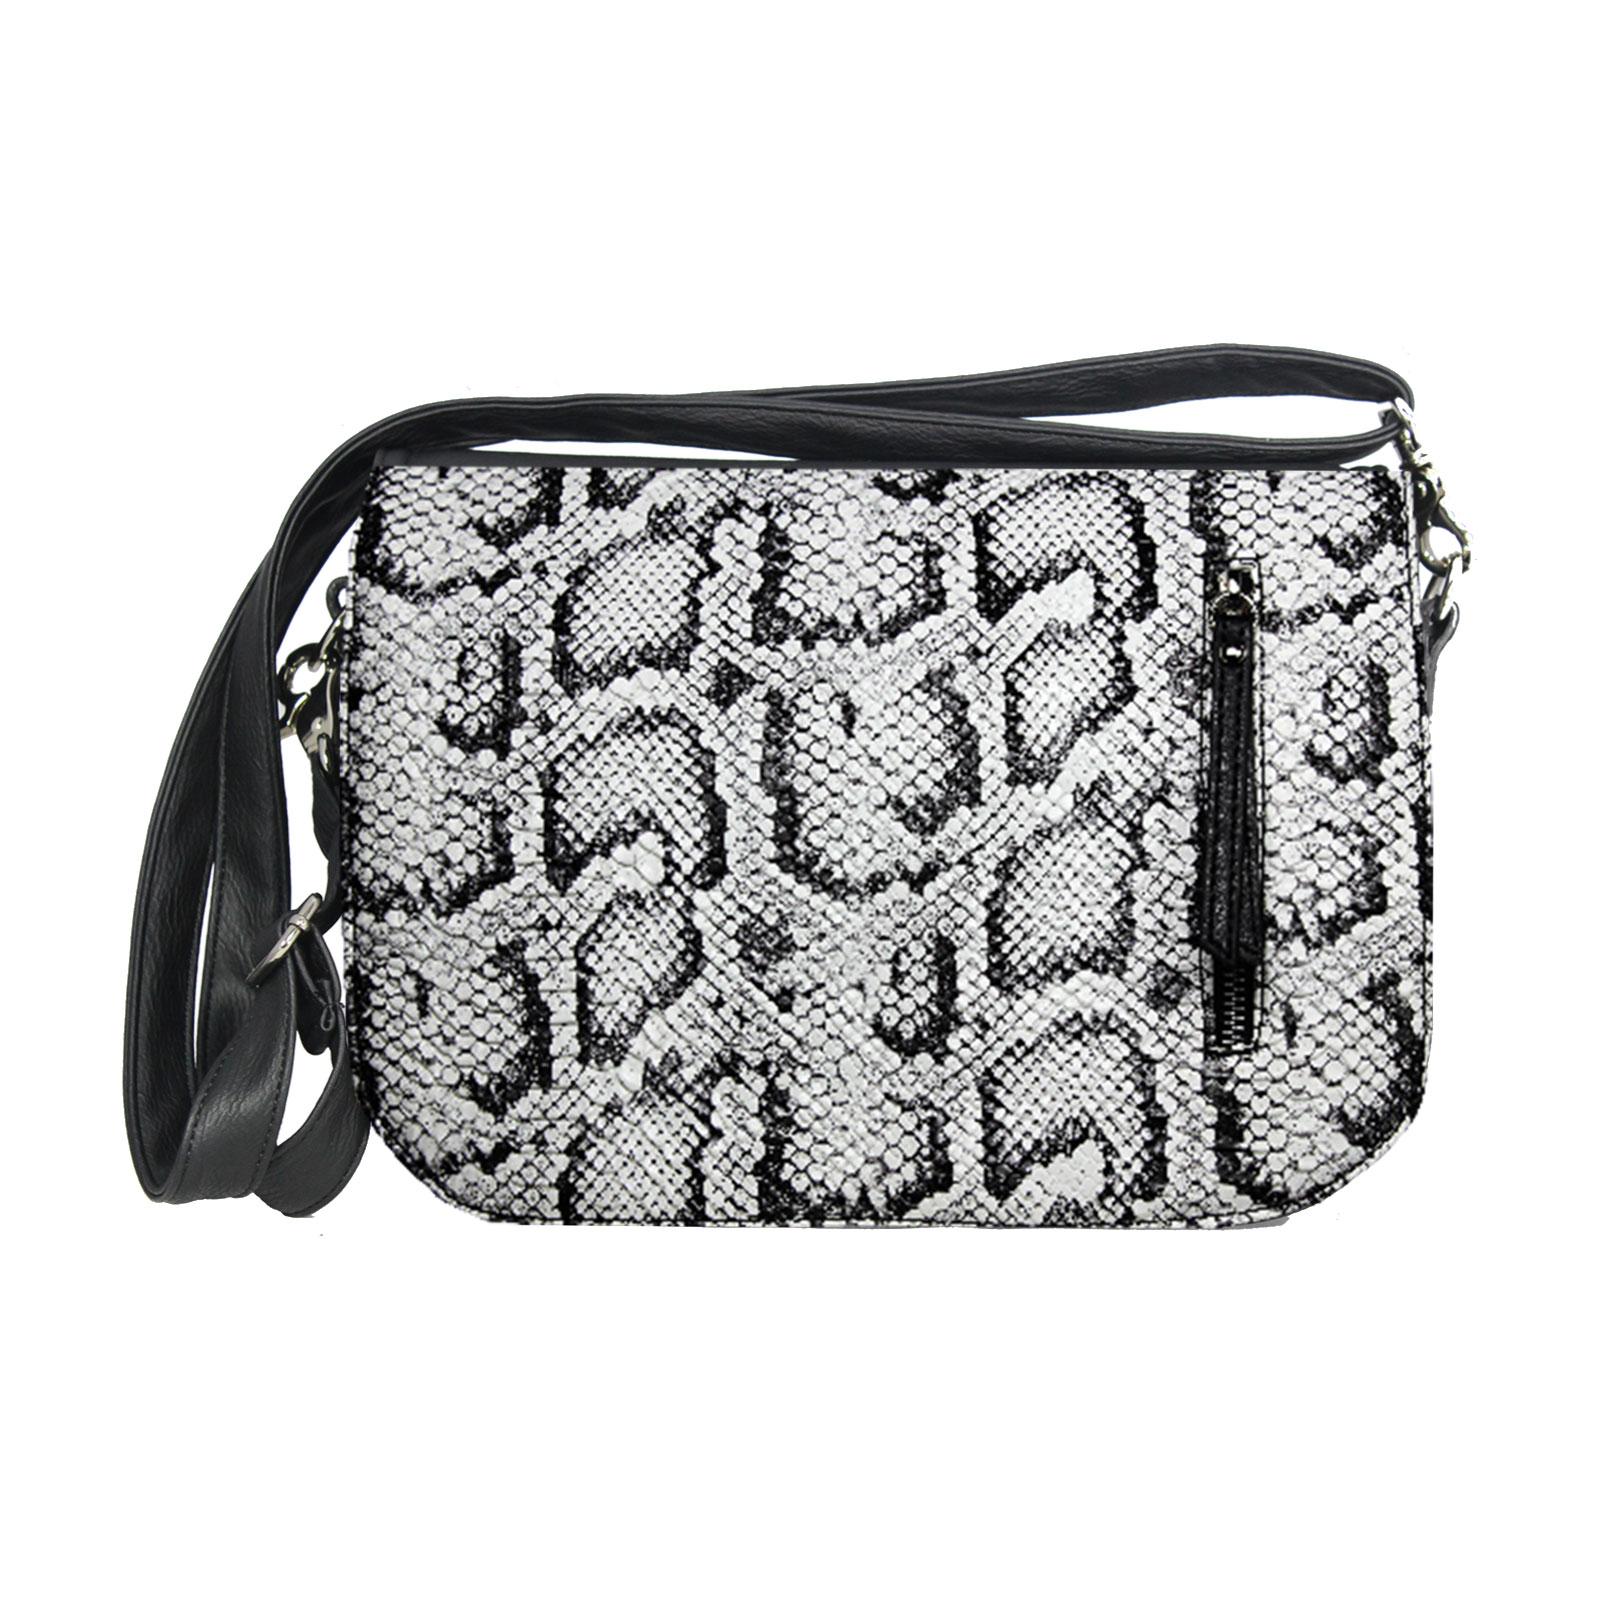 schwarz weiße Handtasche soft im Animallook